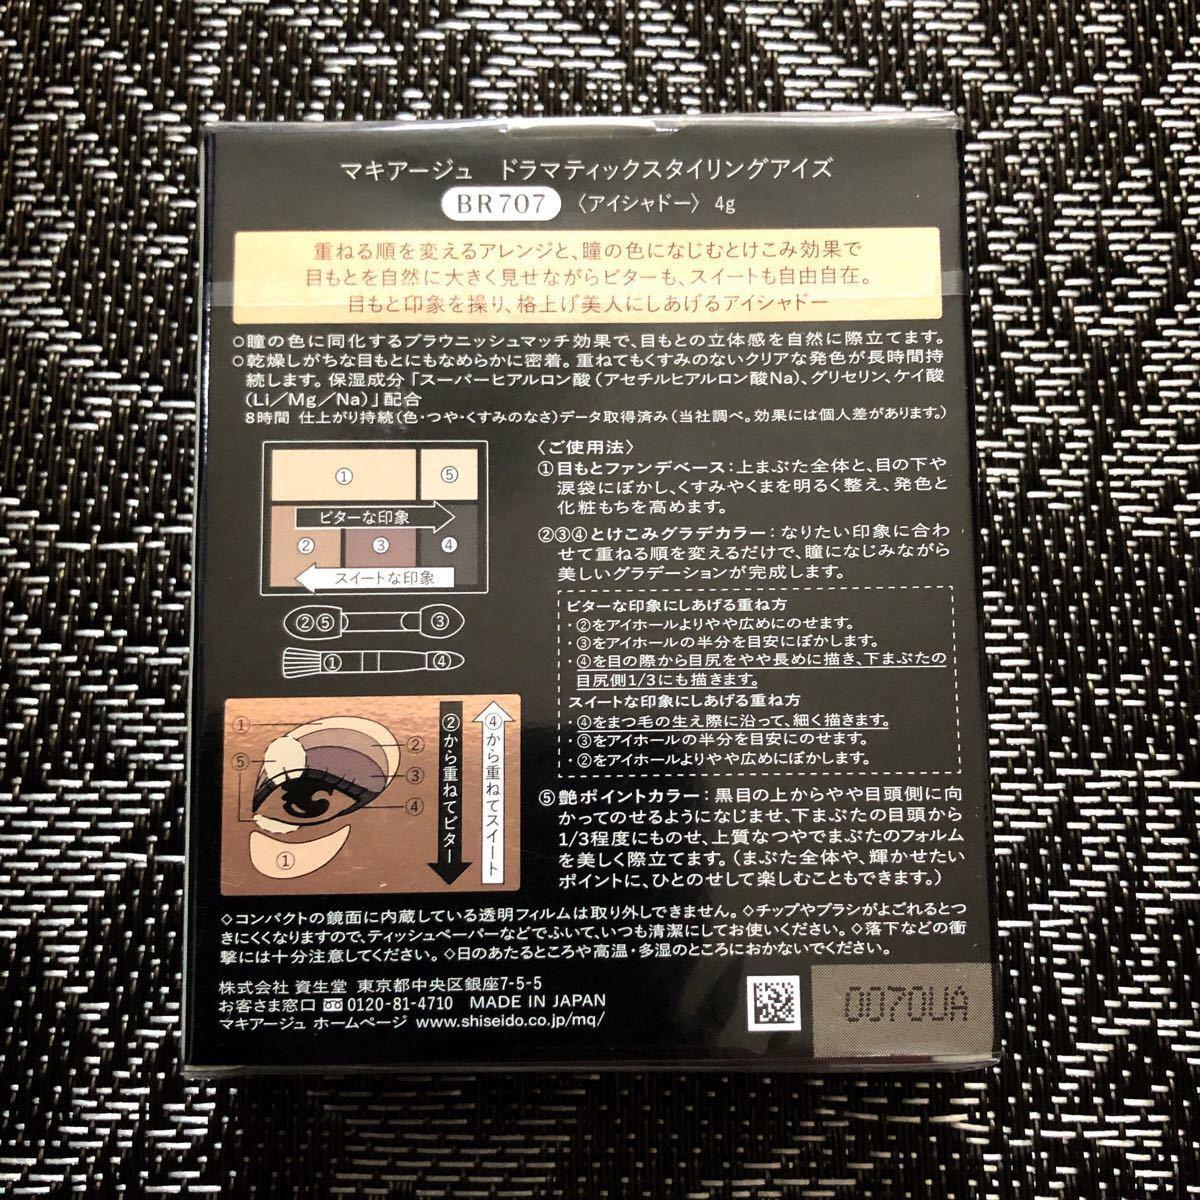 マキアージュ ドラマティックスタイリングアイズBR707